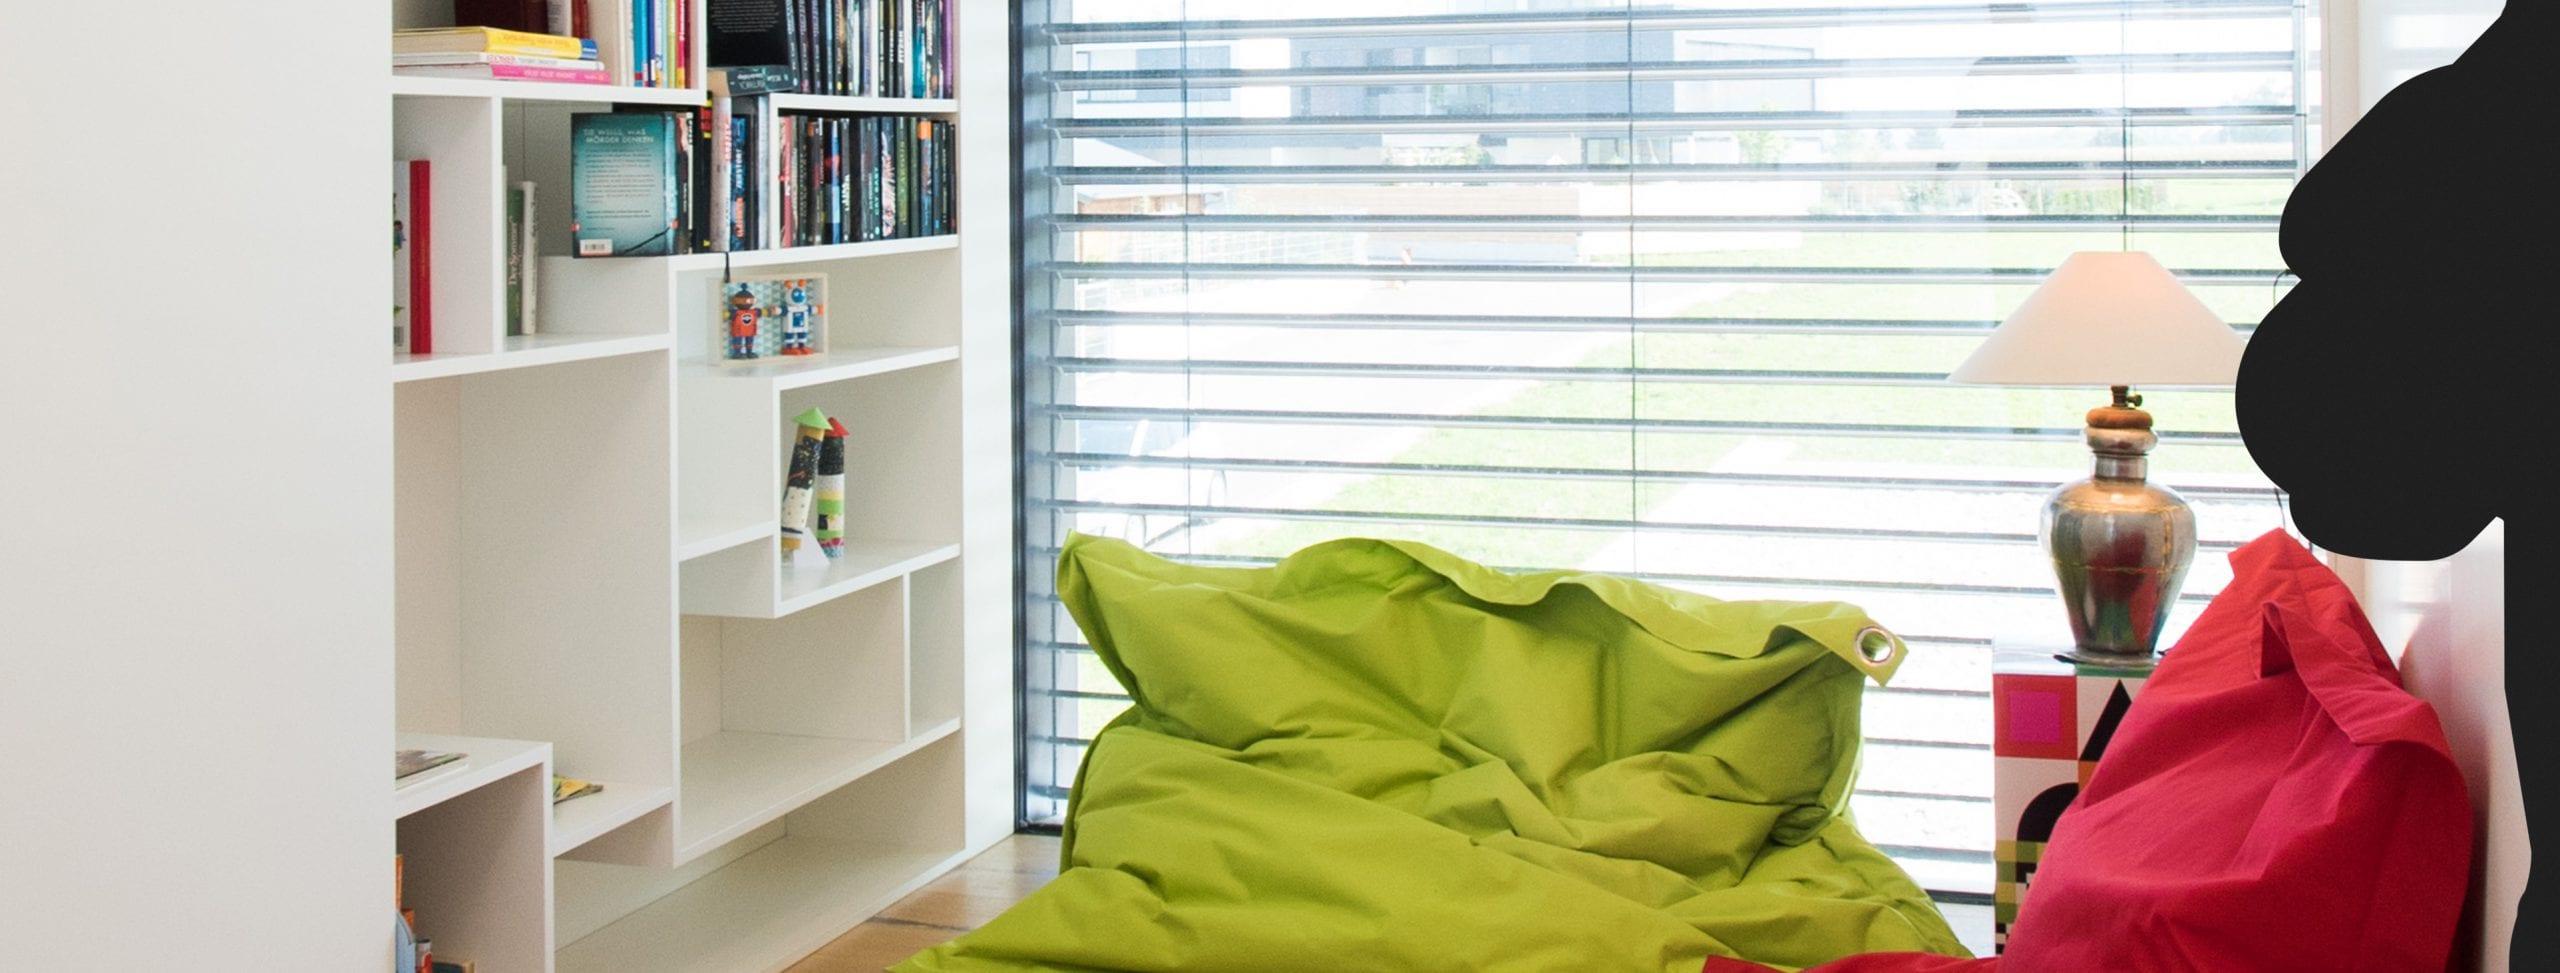 Bücherwand mit gemütlichen Sitzsäcken.